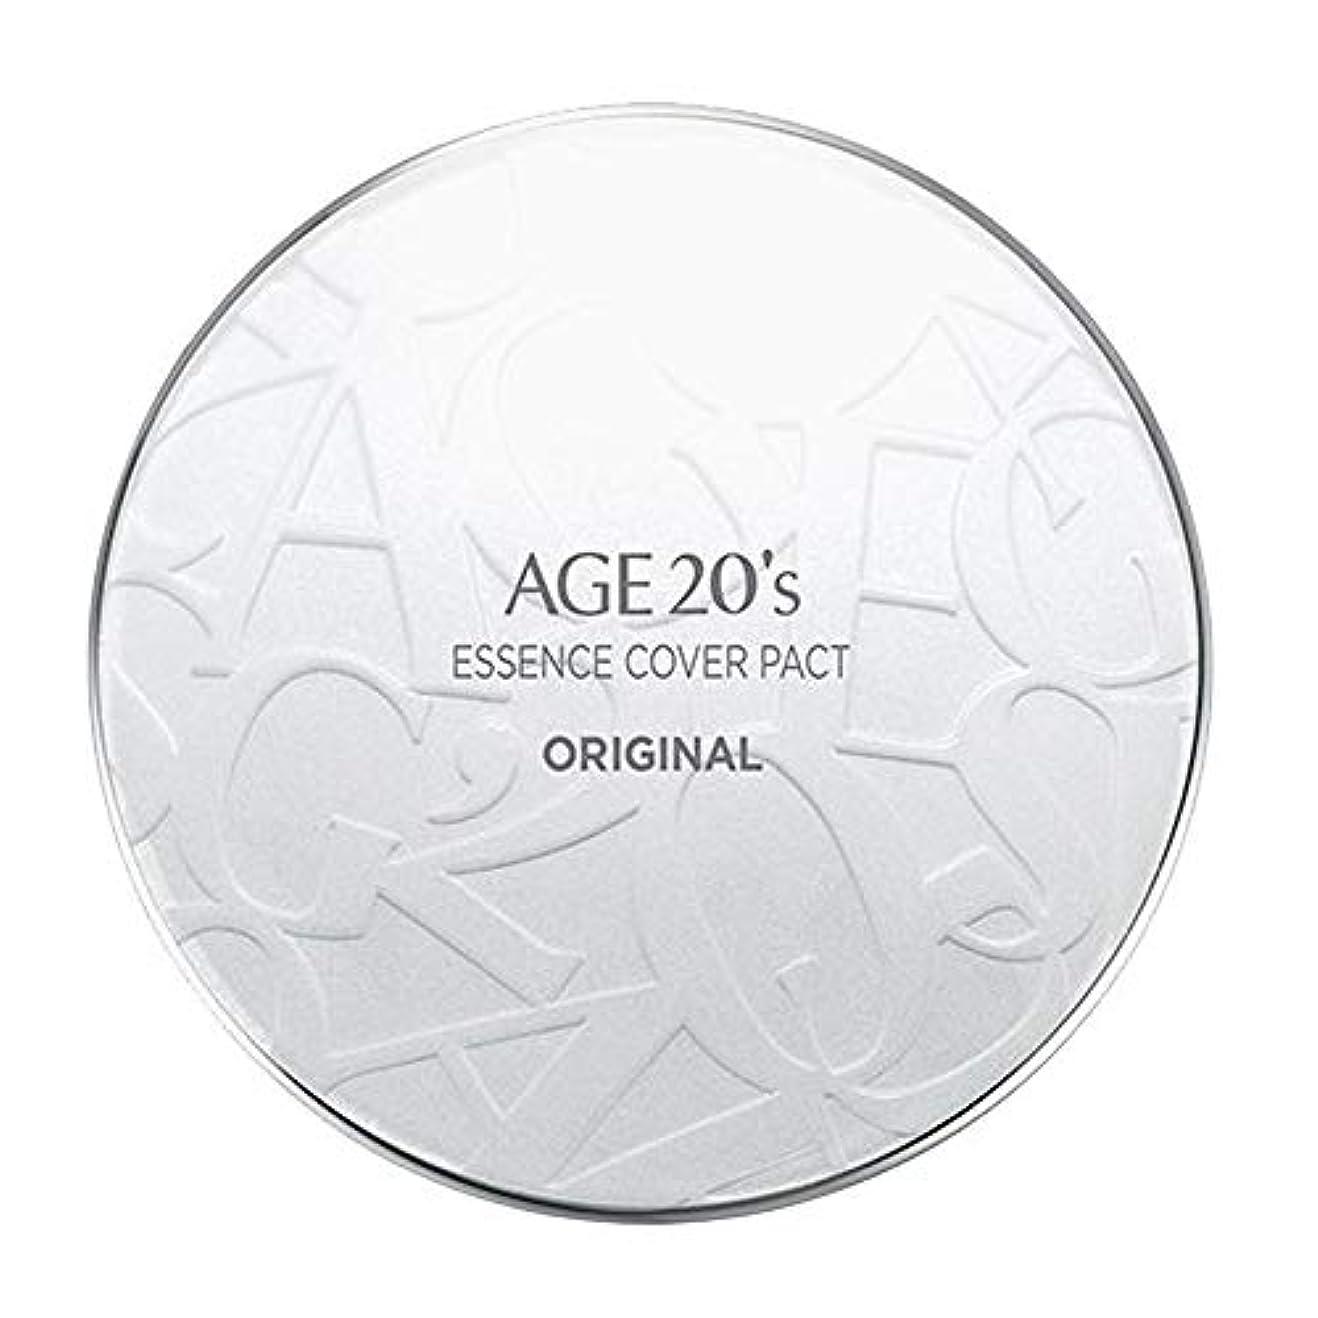 ホールド努力する迷彩AGE 20's(エイジ20's) エッセンスカバーパクトオリジナル(本品1個+リフィル2個付)ケースカラーホワイト (21号)